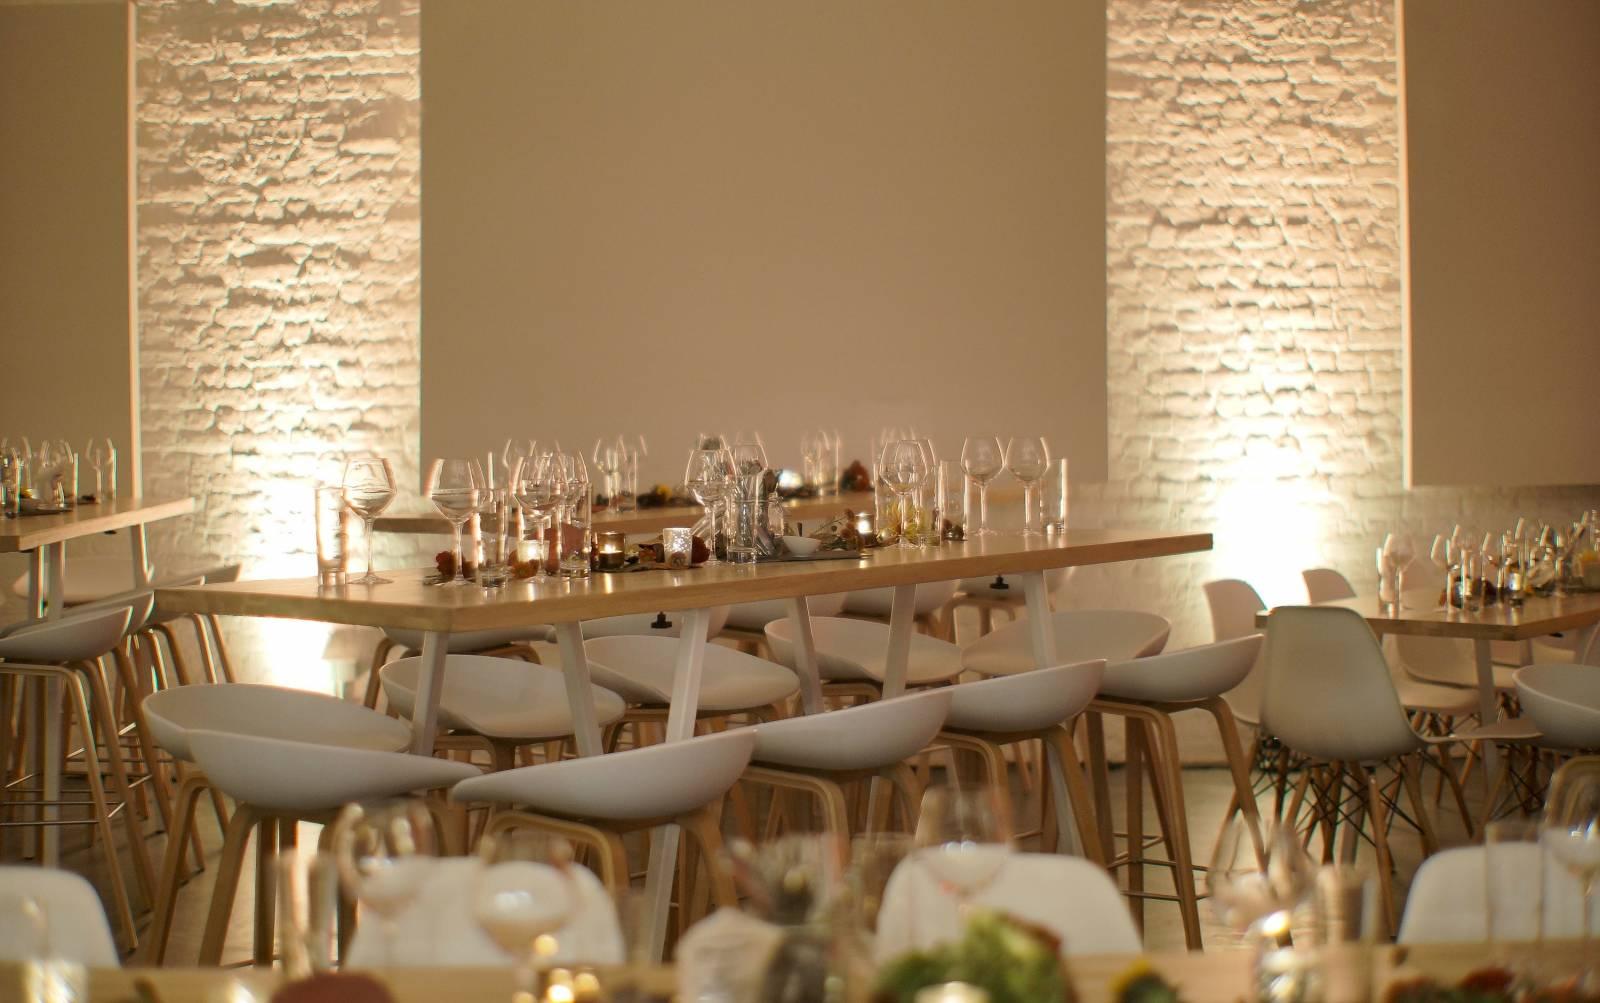 Zaal Lux - Feestzaal - Eventlocatie te Gent - House of Events - 9